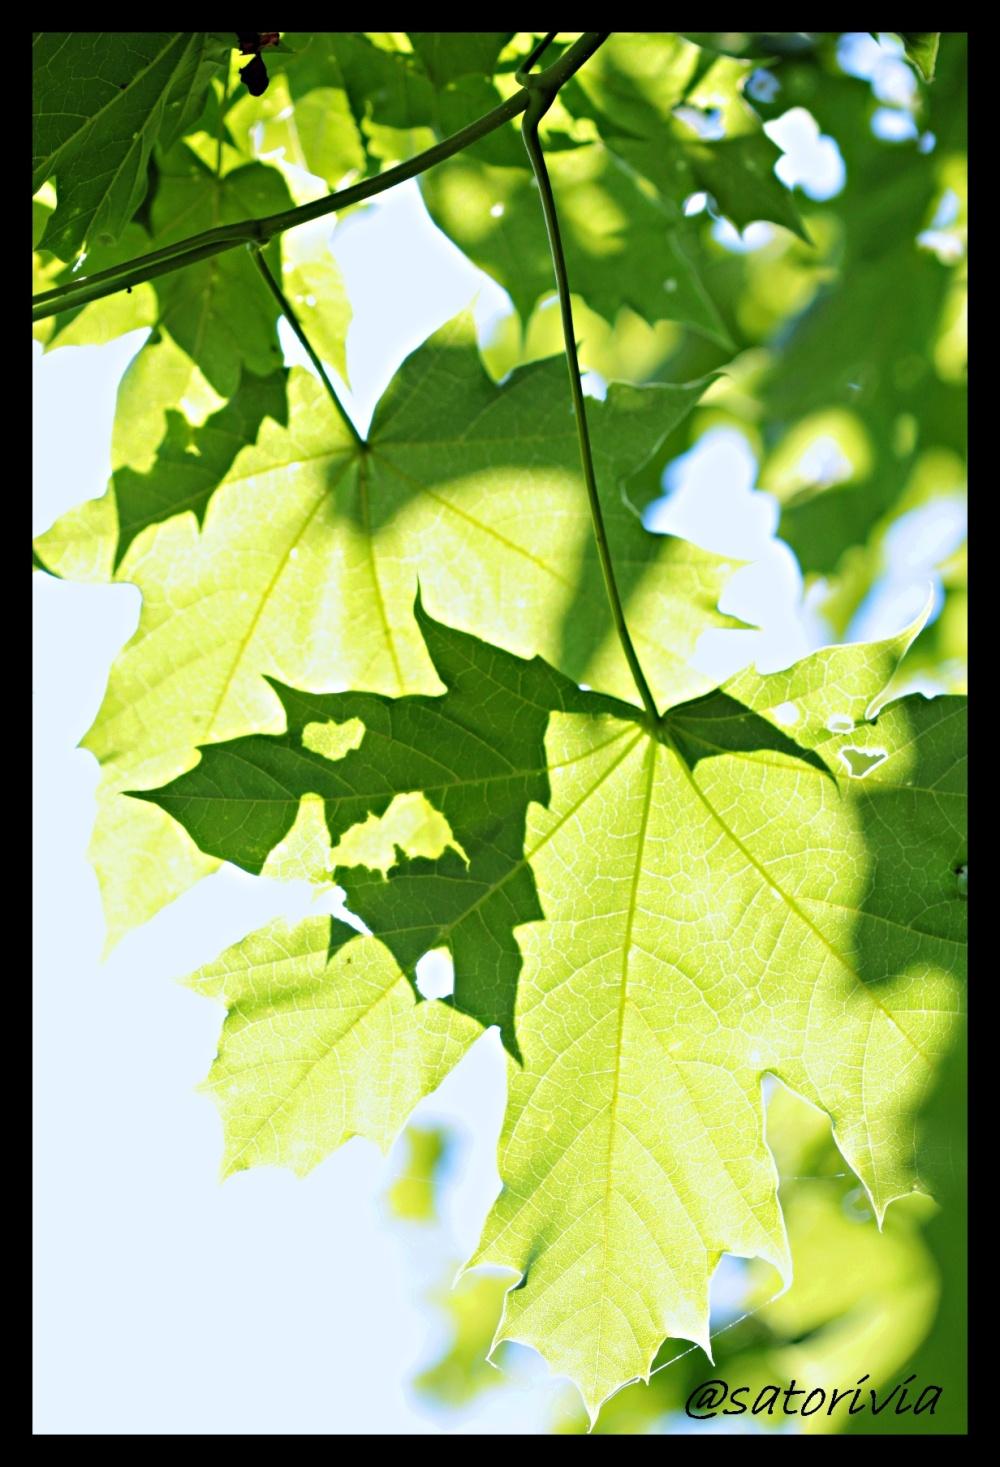 Leaves or shark